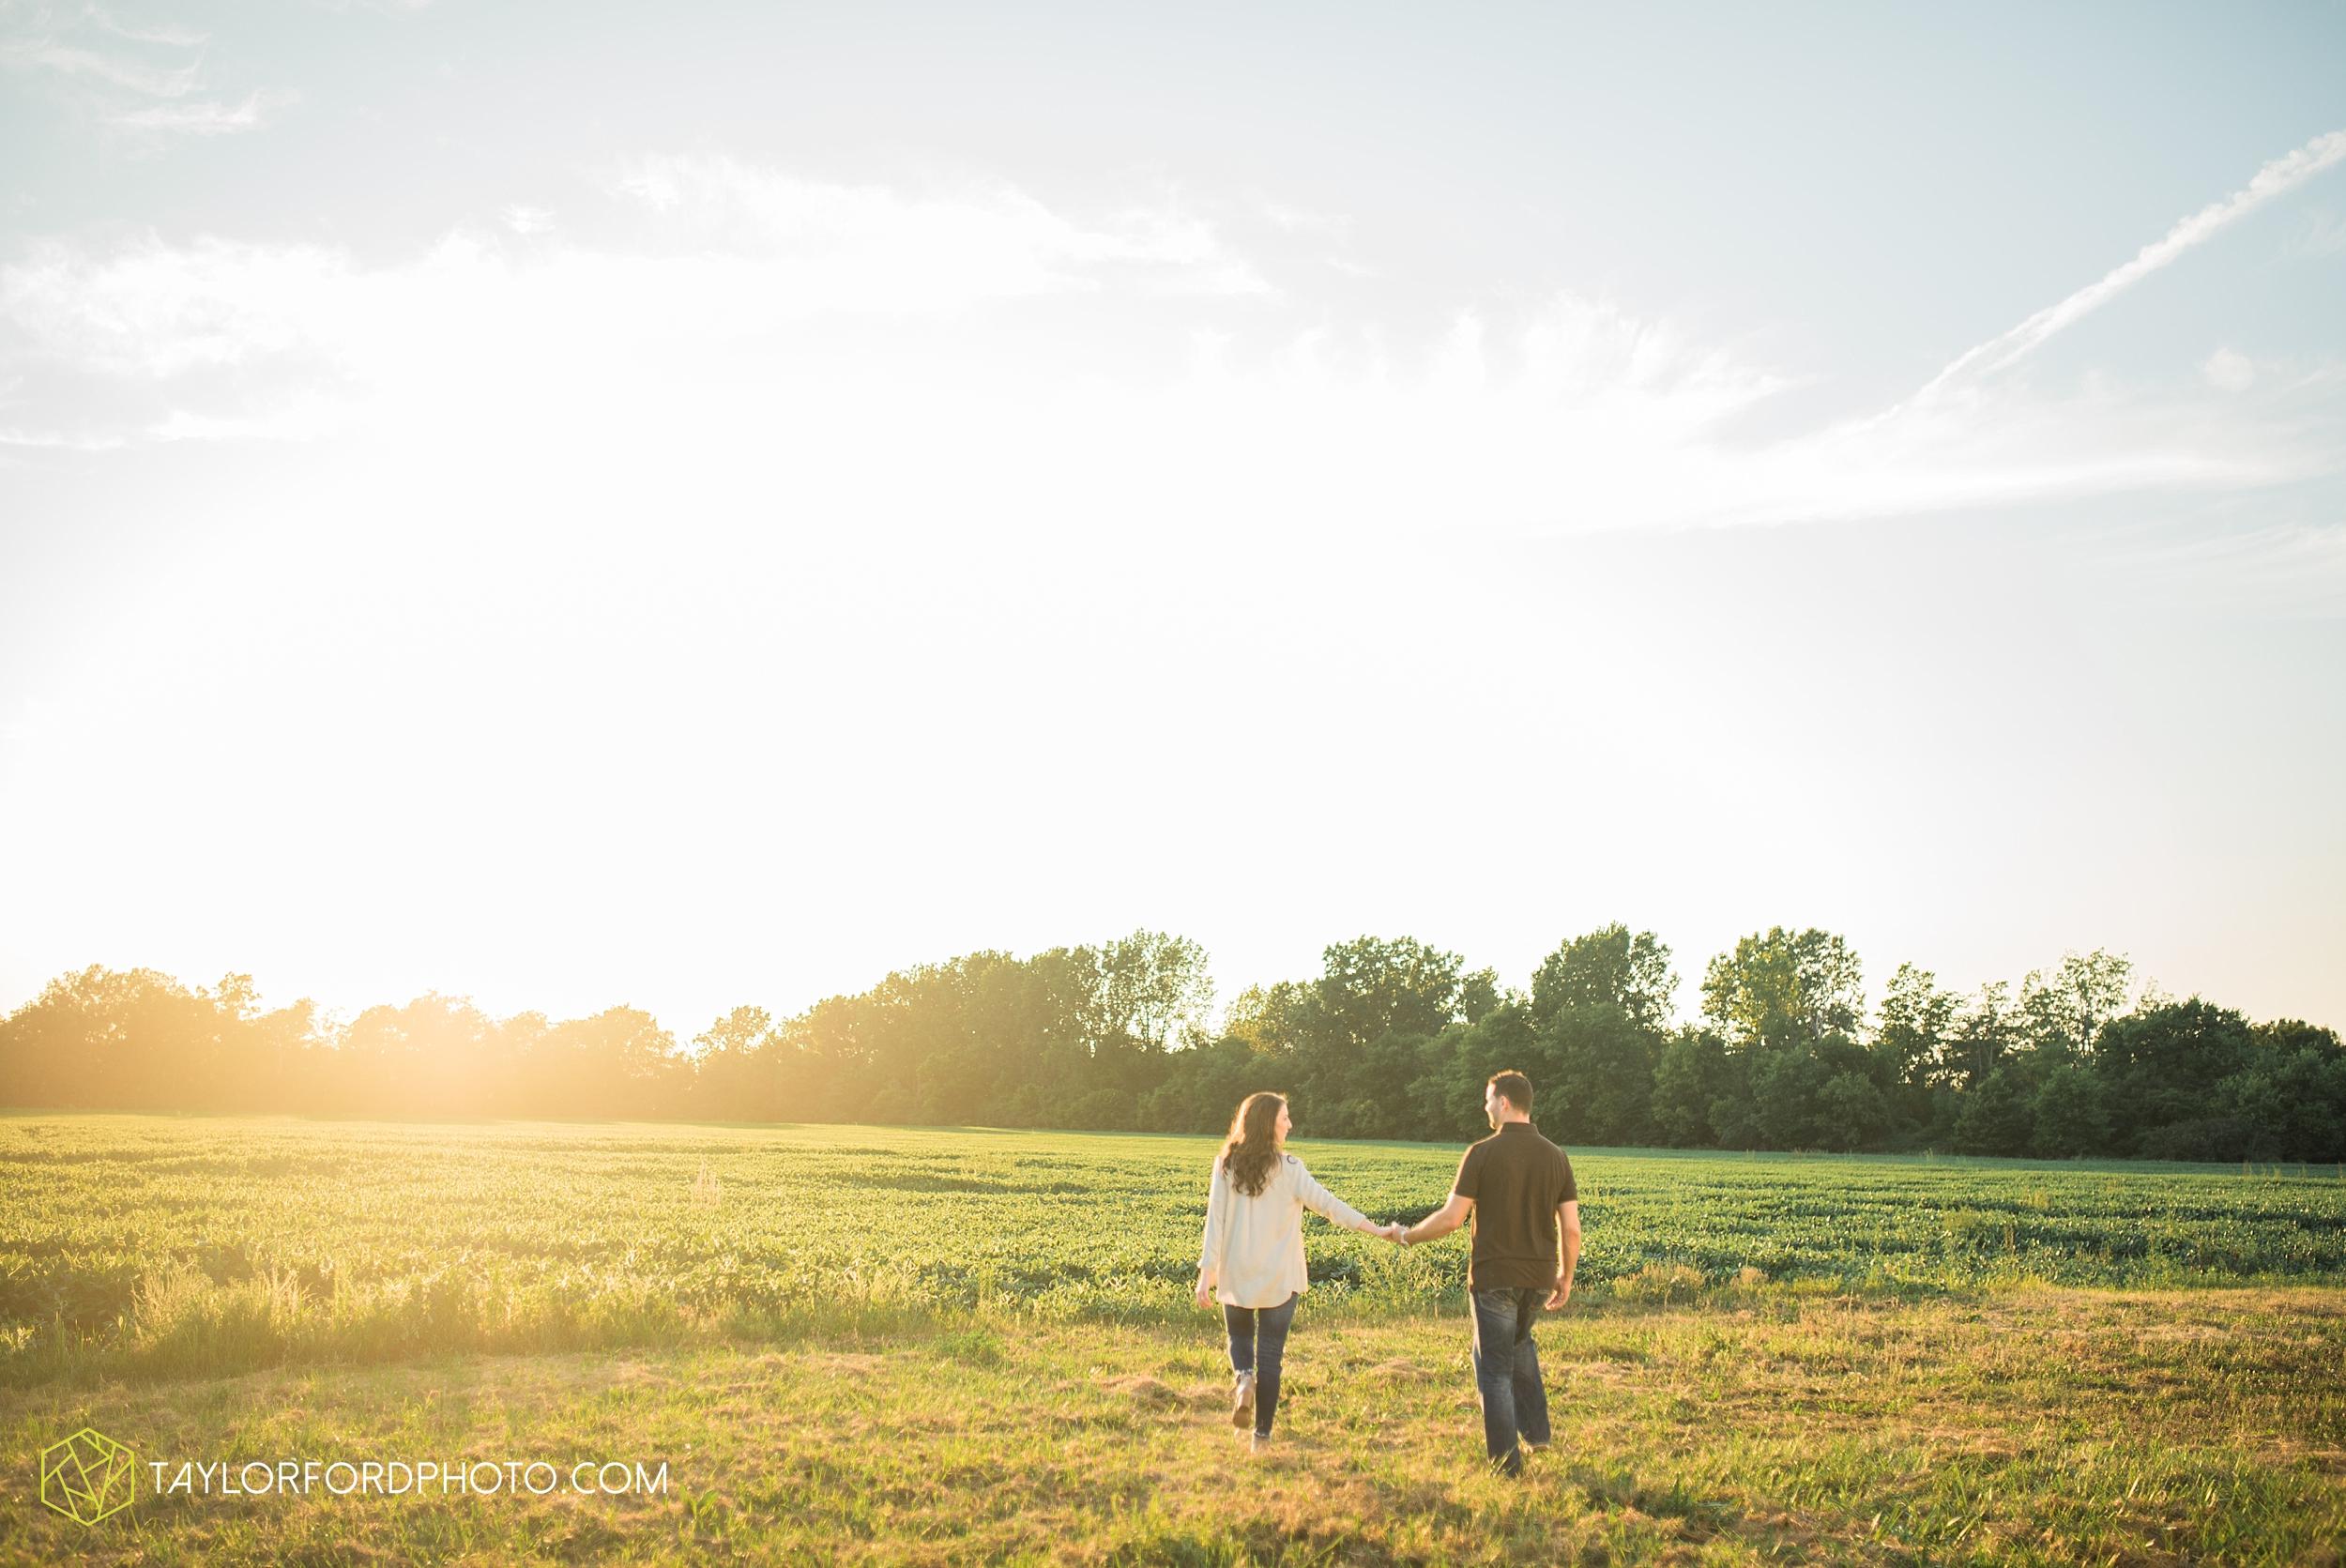 celina-coldwarter-ohio-engagement-wedding-photographer-Taylor-Ford-Photography-Ohio-Indiana_2301.jpg